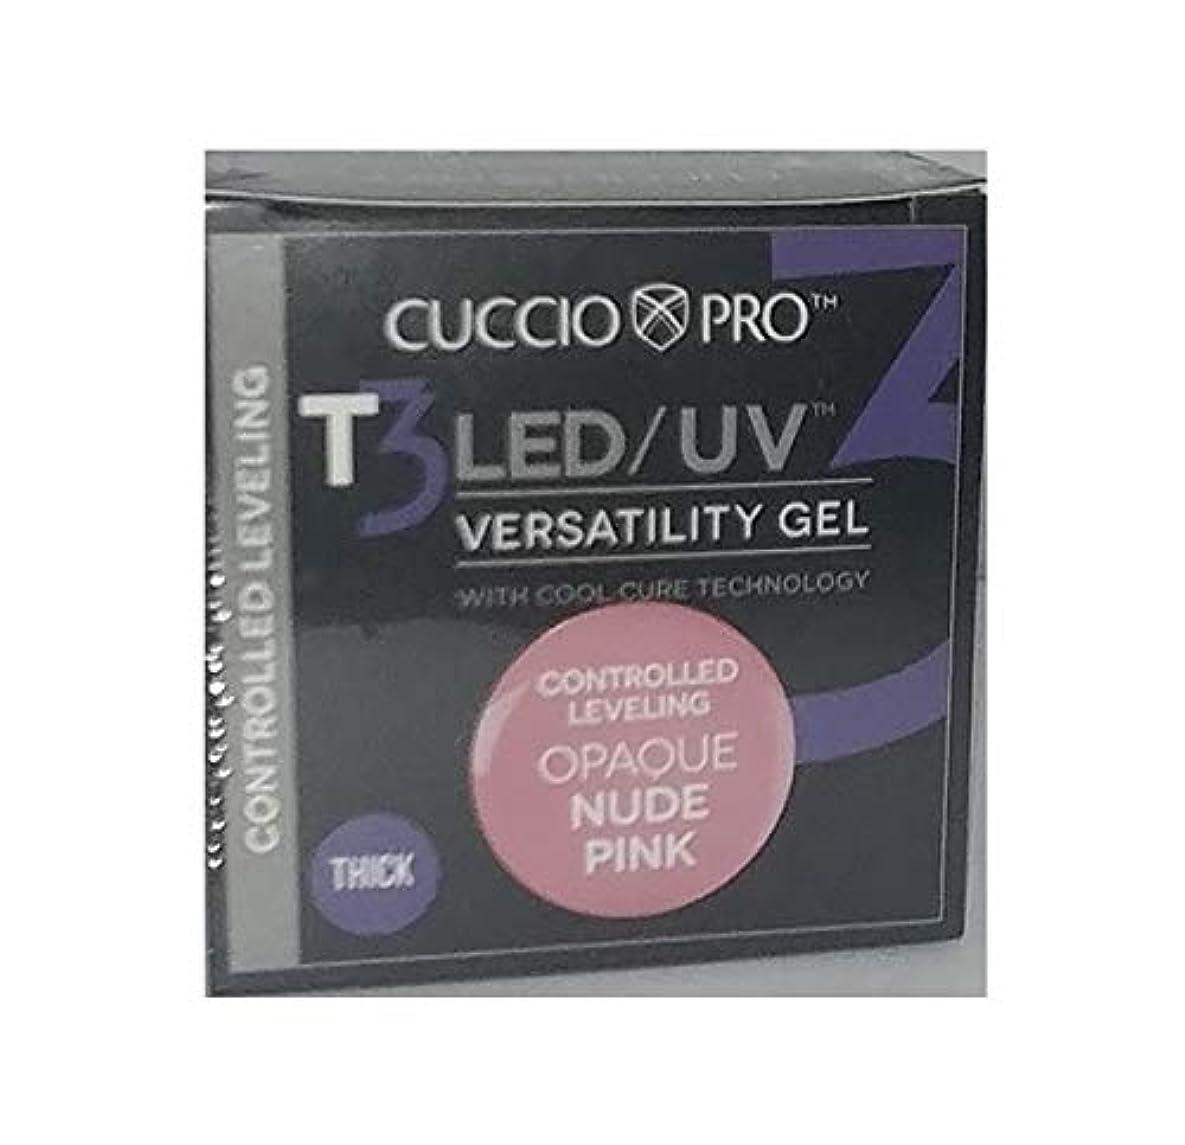 ストッキング失望させるテナントCuccio Pro - T3 LED/UV Gel - Controlled Leveling - Opaque Nude Pink - 1 oz / 28 g